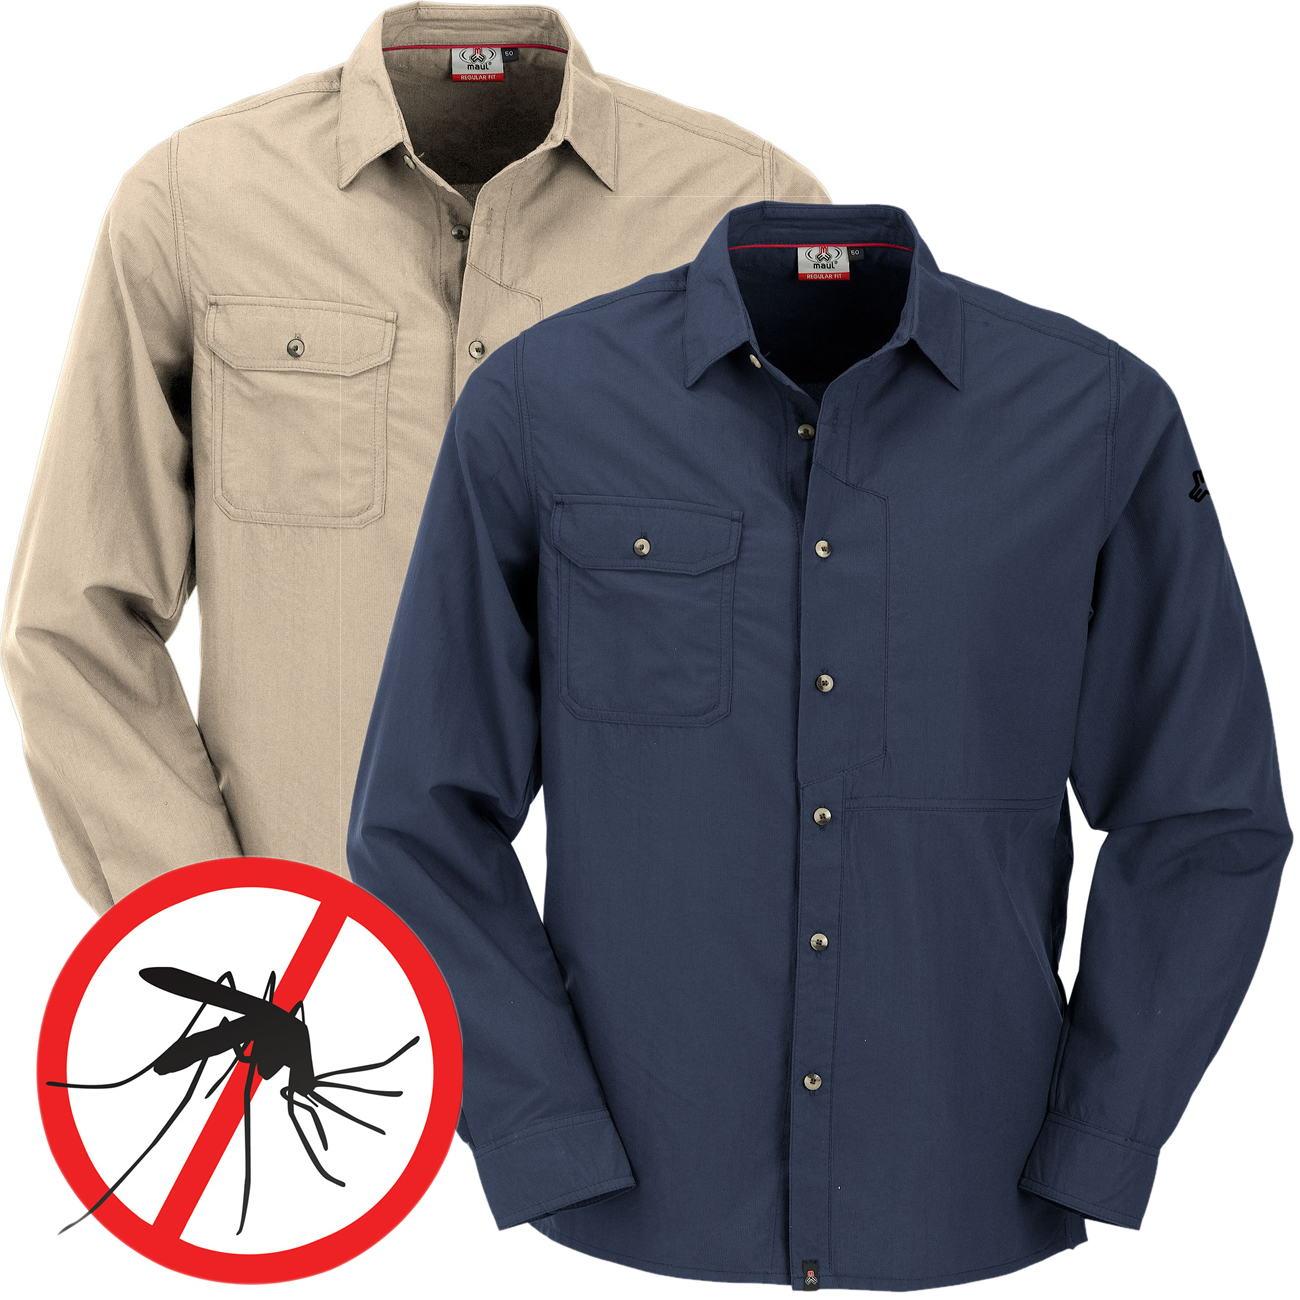 Andaluz Langarm Herren Hemd Mückenschutz - Alle Größen